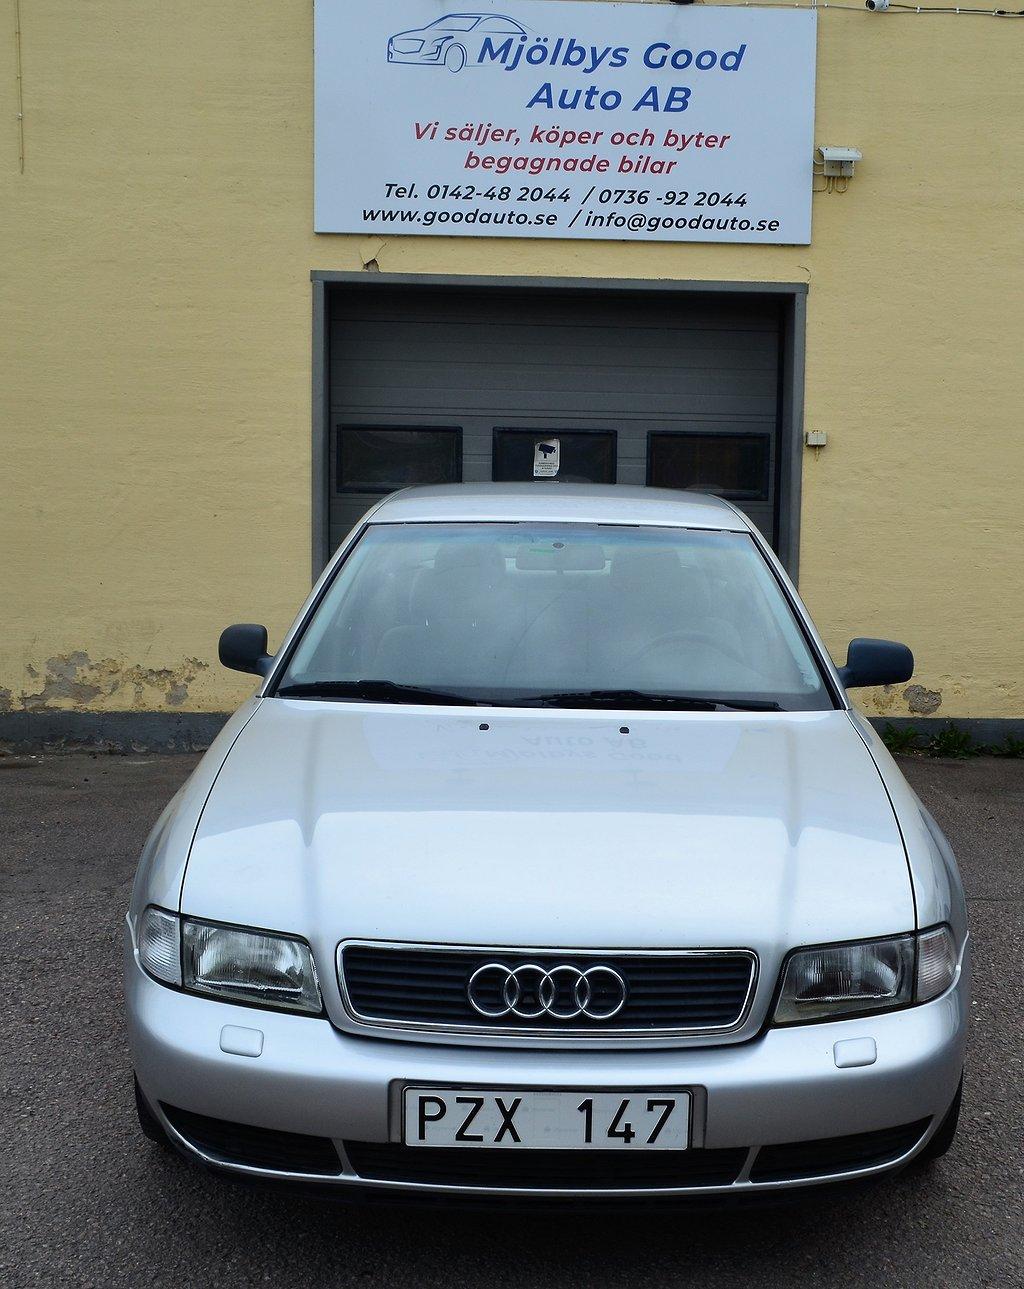 Audi A4 Sedan 1.8 125hk